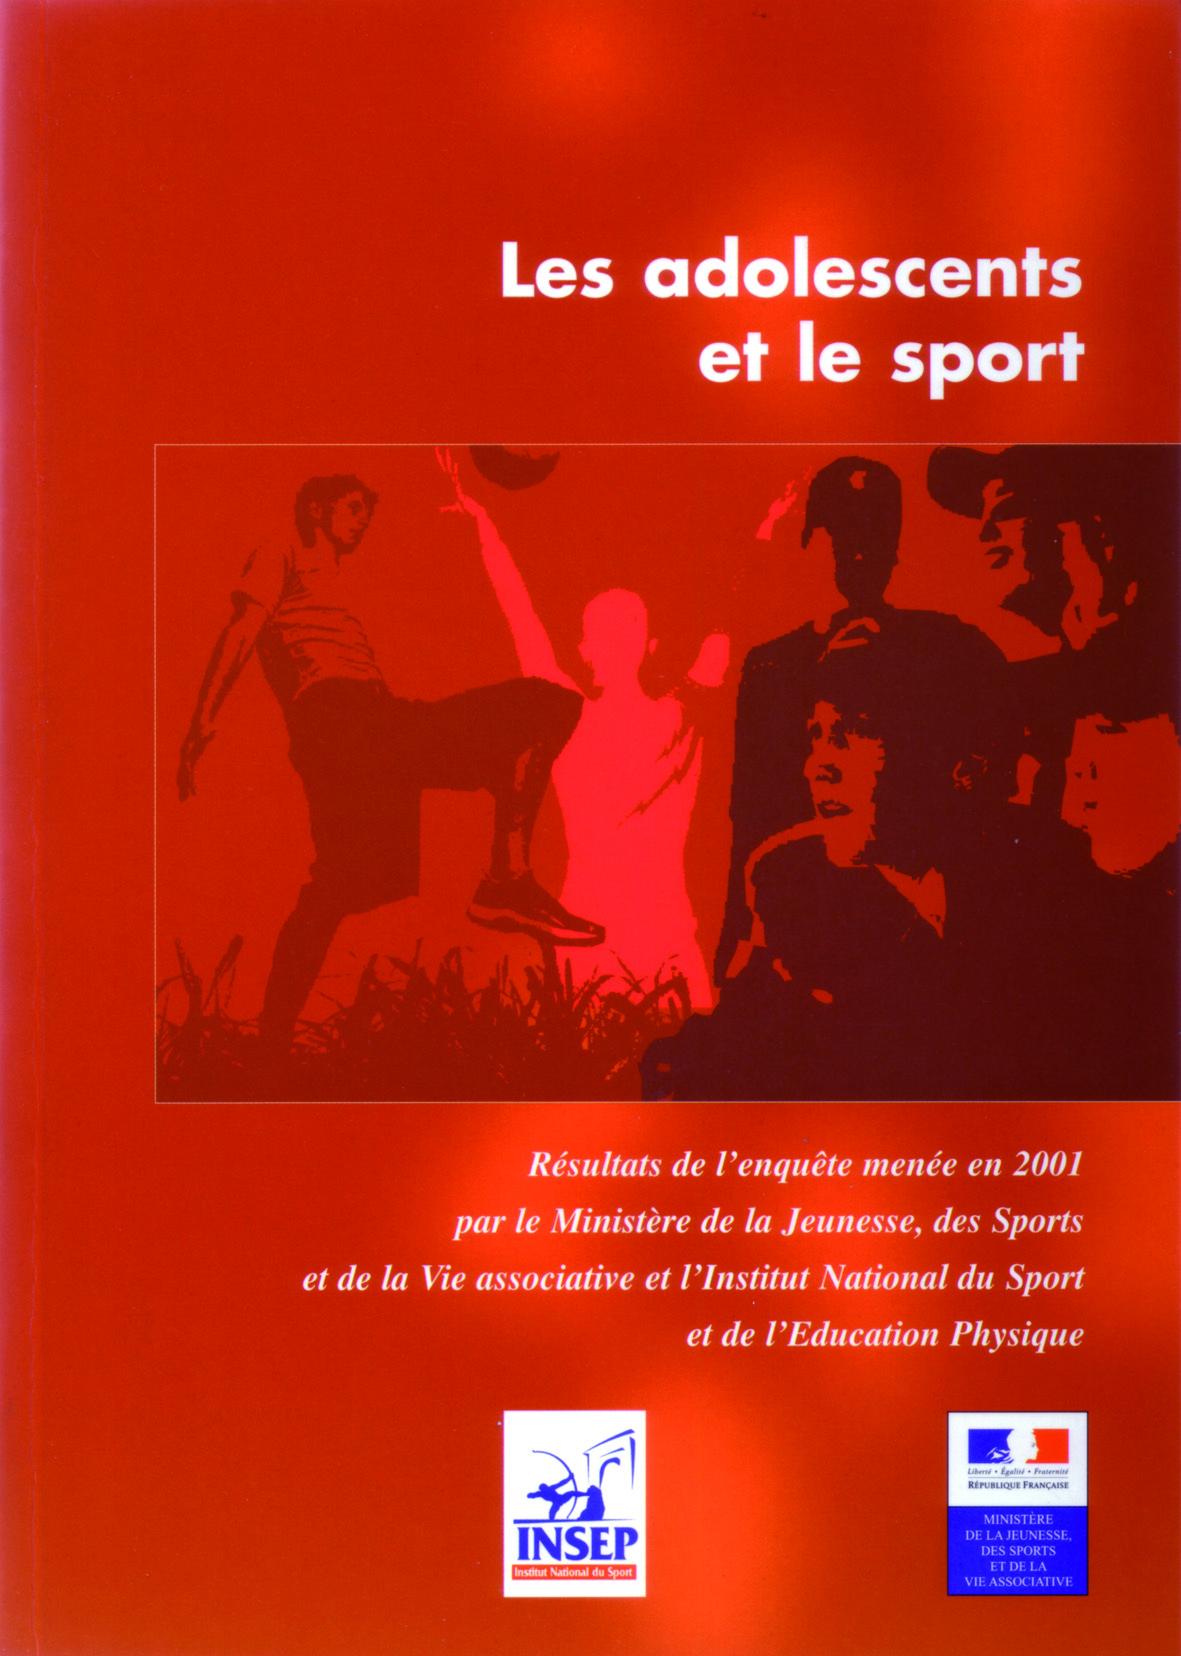 LES ADOLESCENTS ET LE SPORT ENQUETE 2001